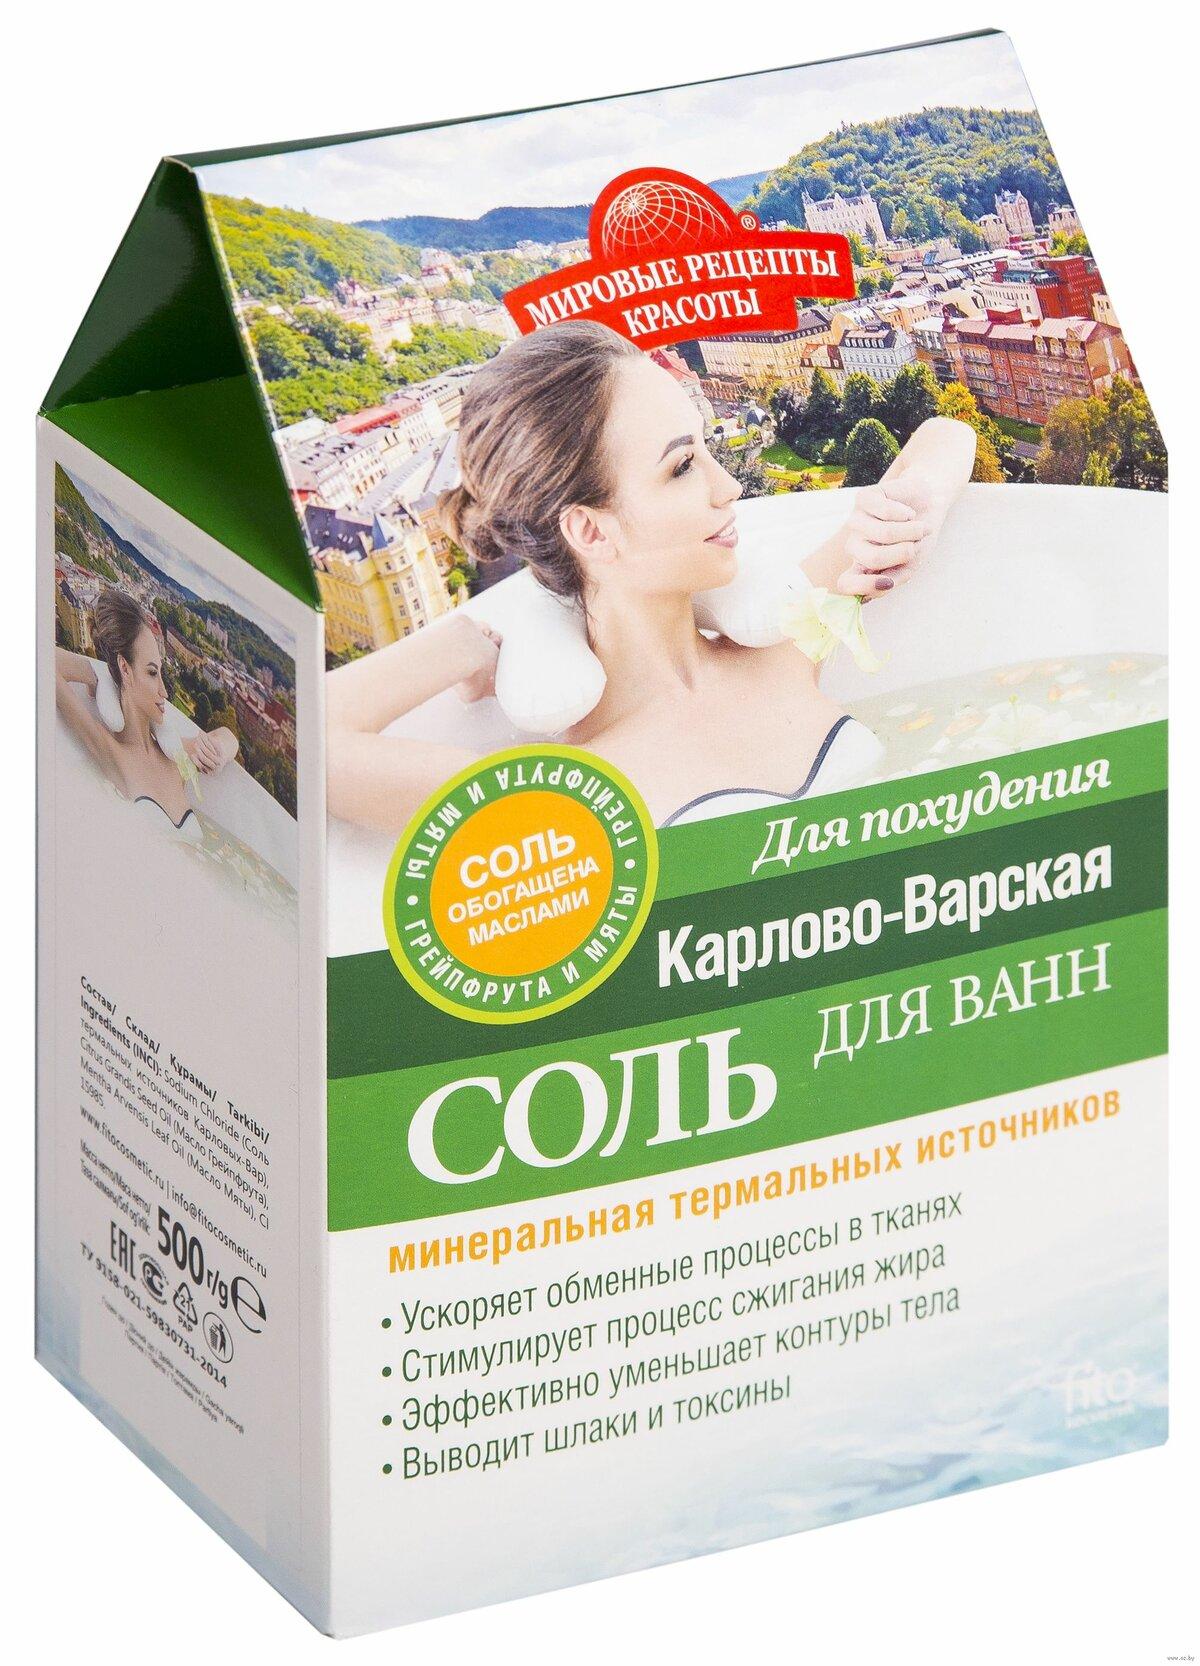 Ванна Эффективное Похудение. Домашние рецепты ванн для похудения